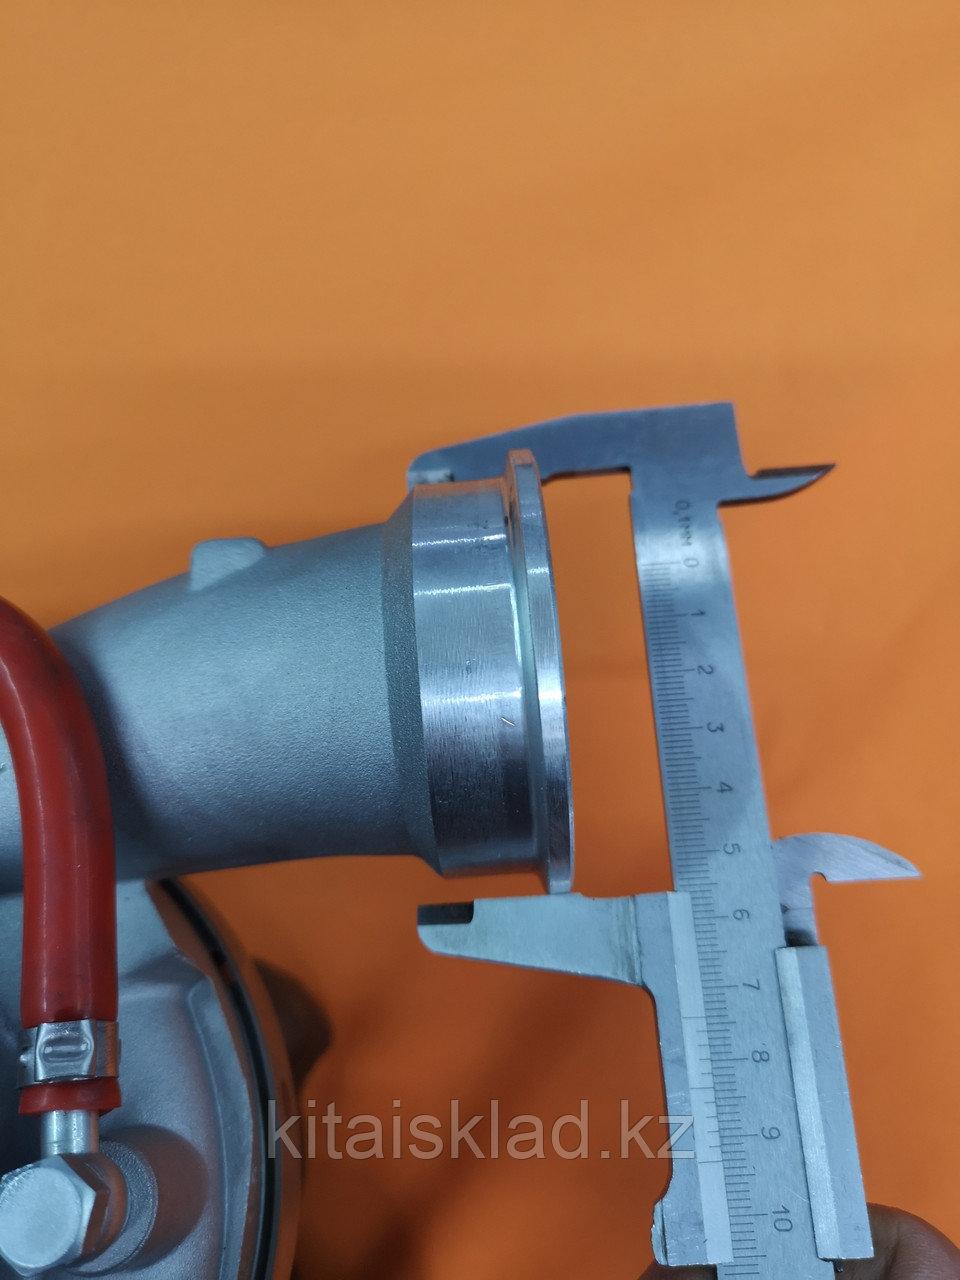 Турбина S200G, 53271013082, 12709880018 DEUTZ, VOLVO